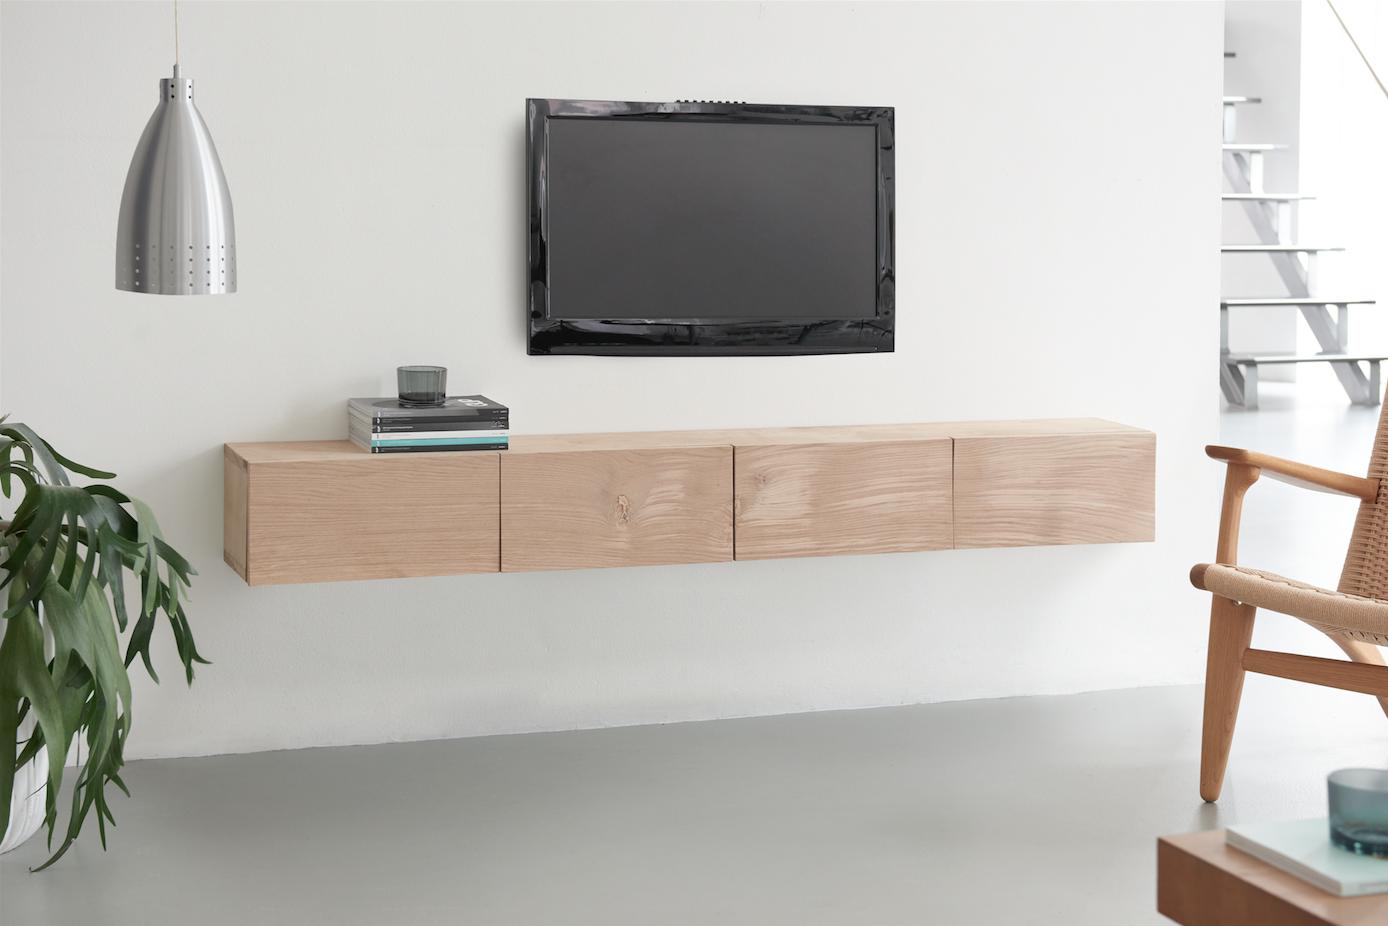 Tv Kast Hangend : Maak een designer tv meubel van eikenhout voordemakers